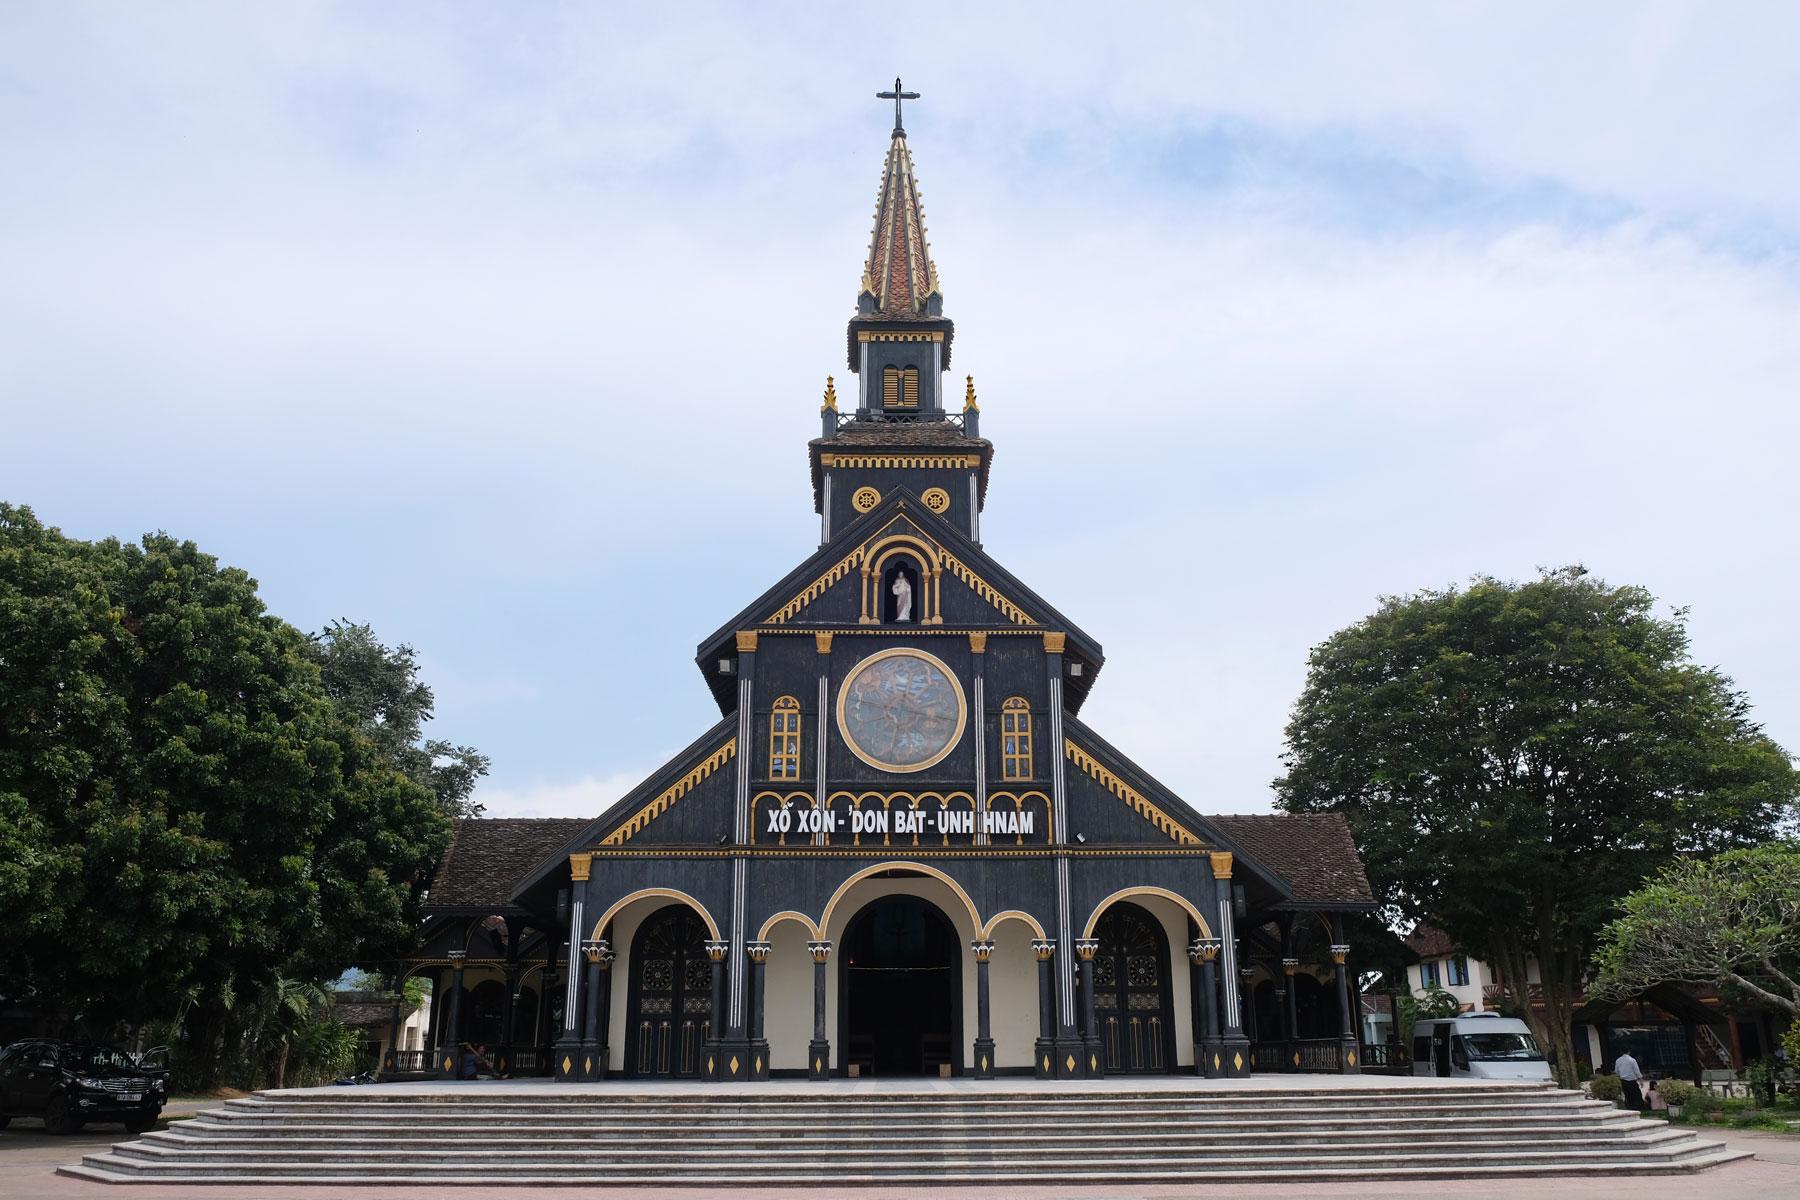 Die Holzkirche von Kon Tum in Vietnam